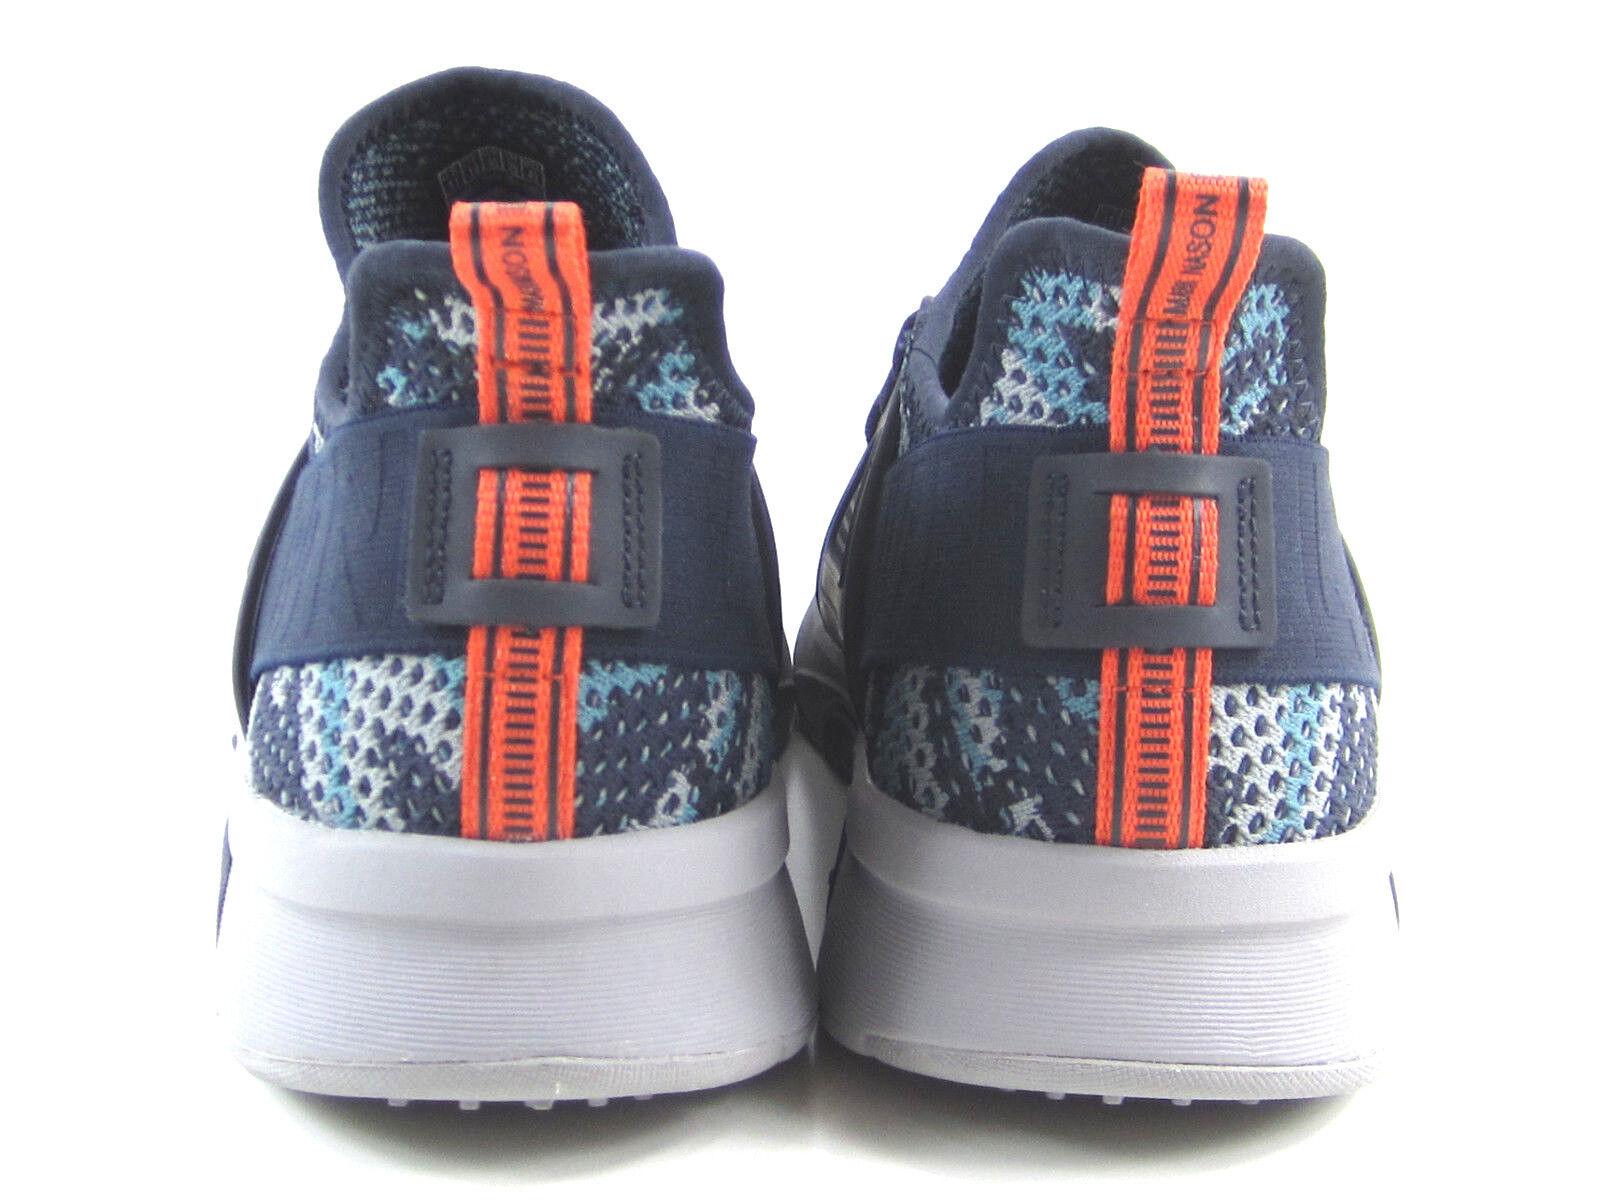 Mark Nason Boomtown 68607 Knit Camuflaje de Hombre Zapatillas 68607 Boomtown dc7e4f